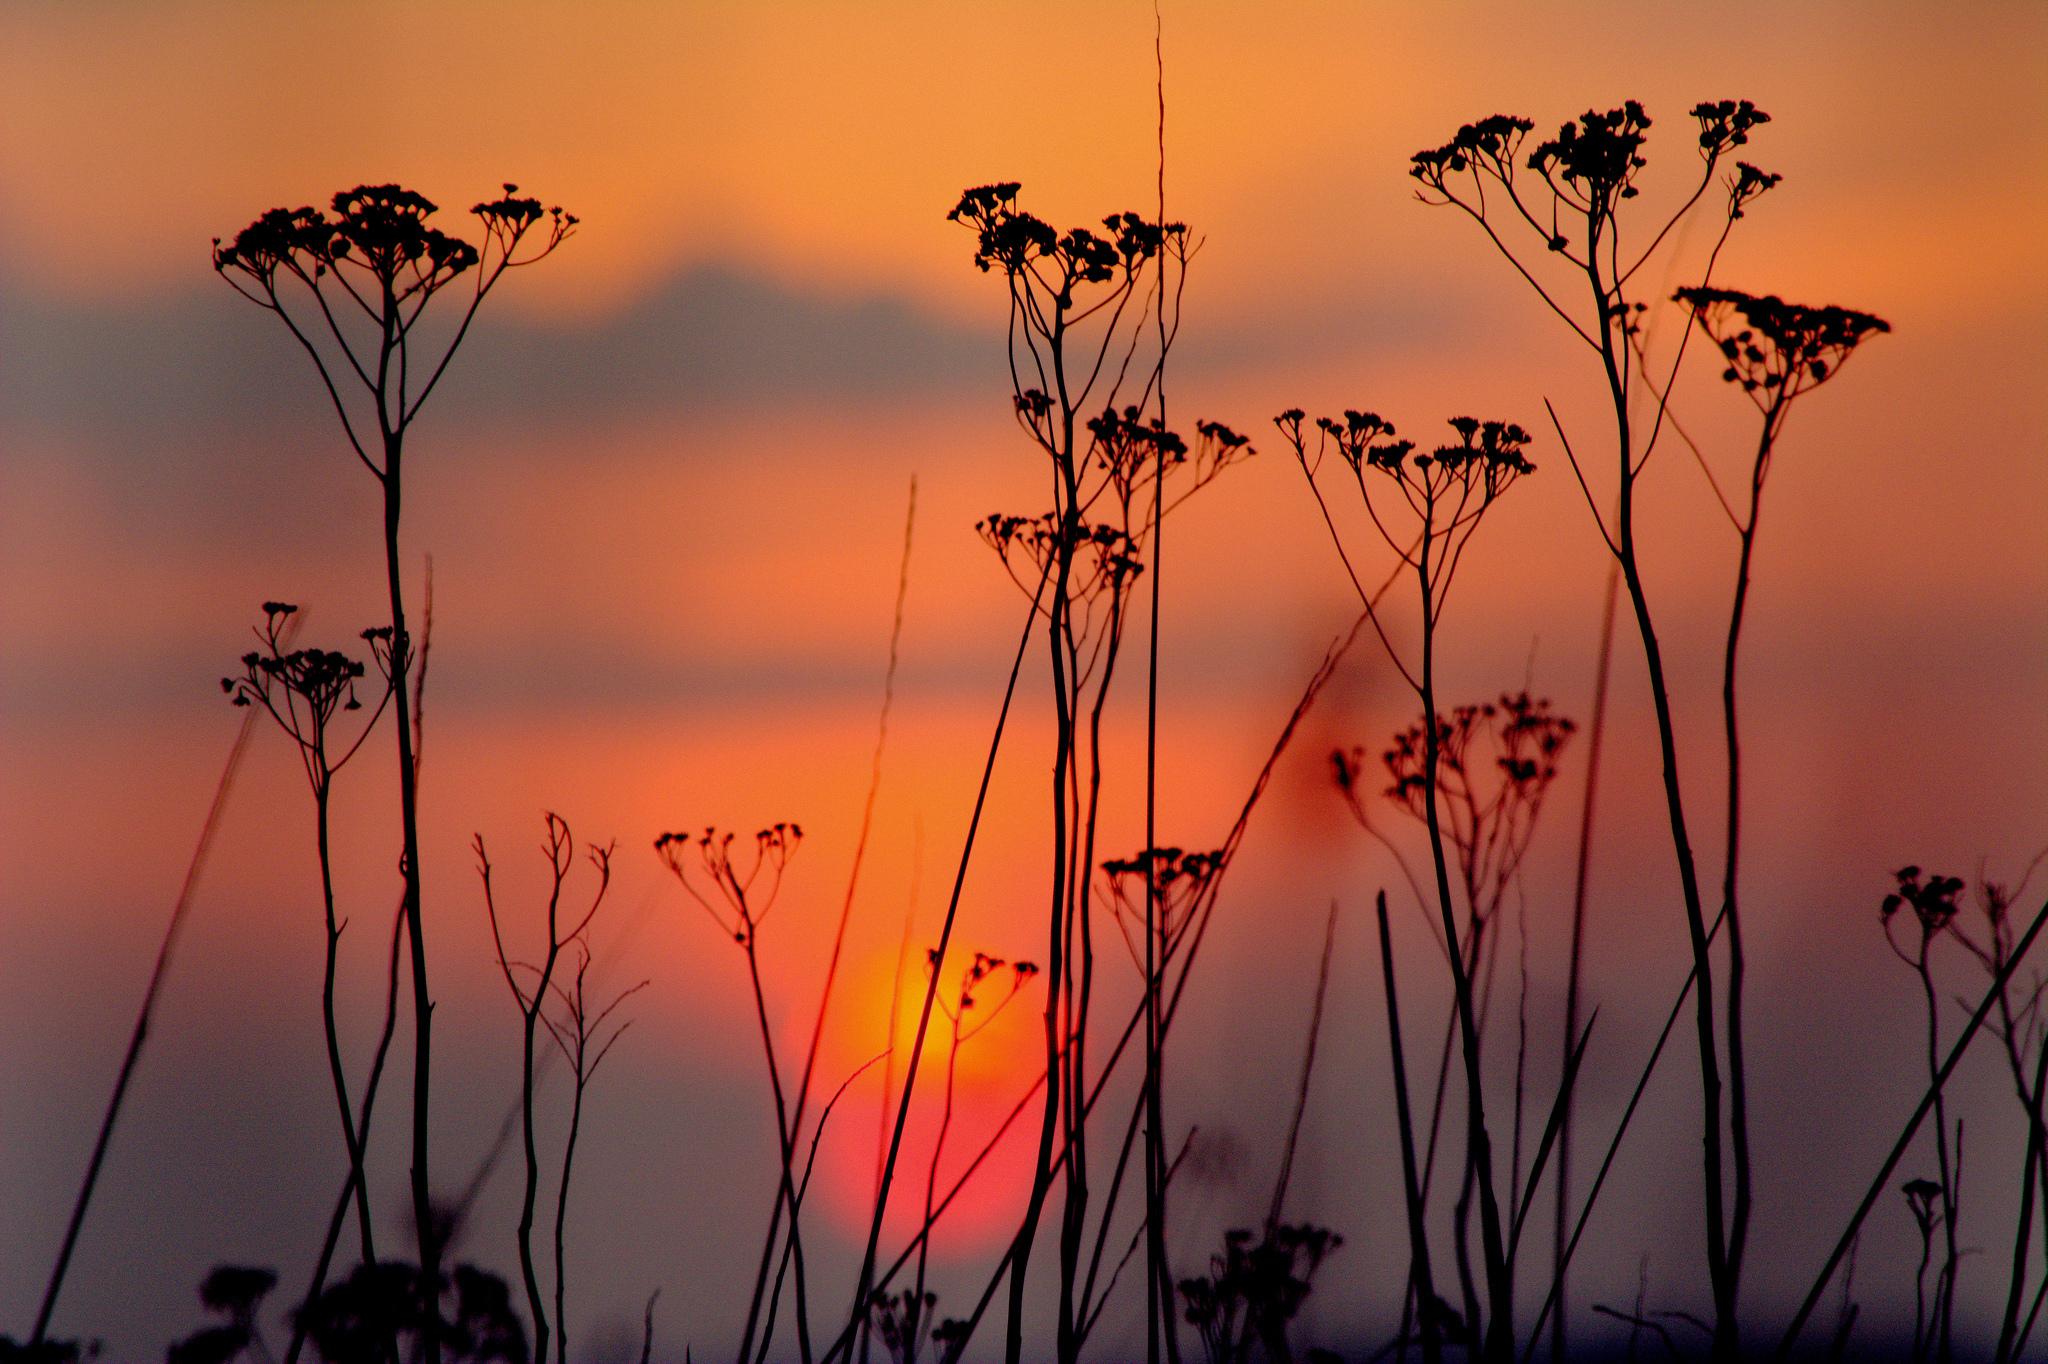 нарыв картинки цветы на фоне заката она